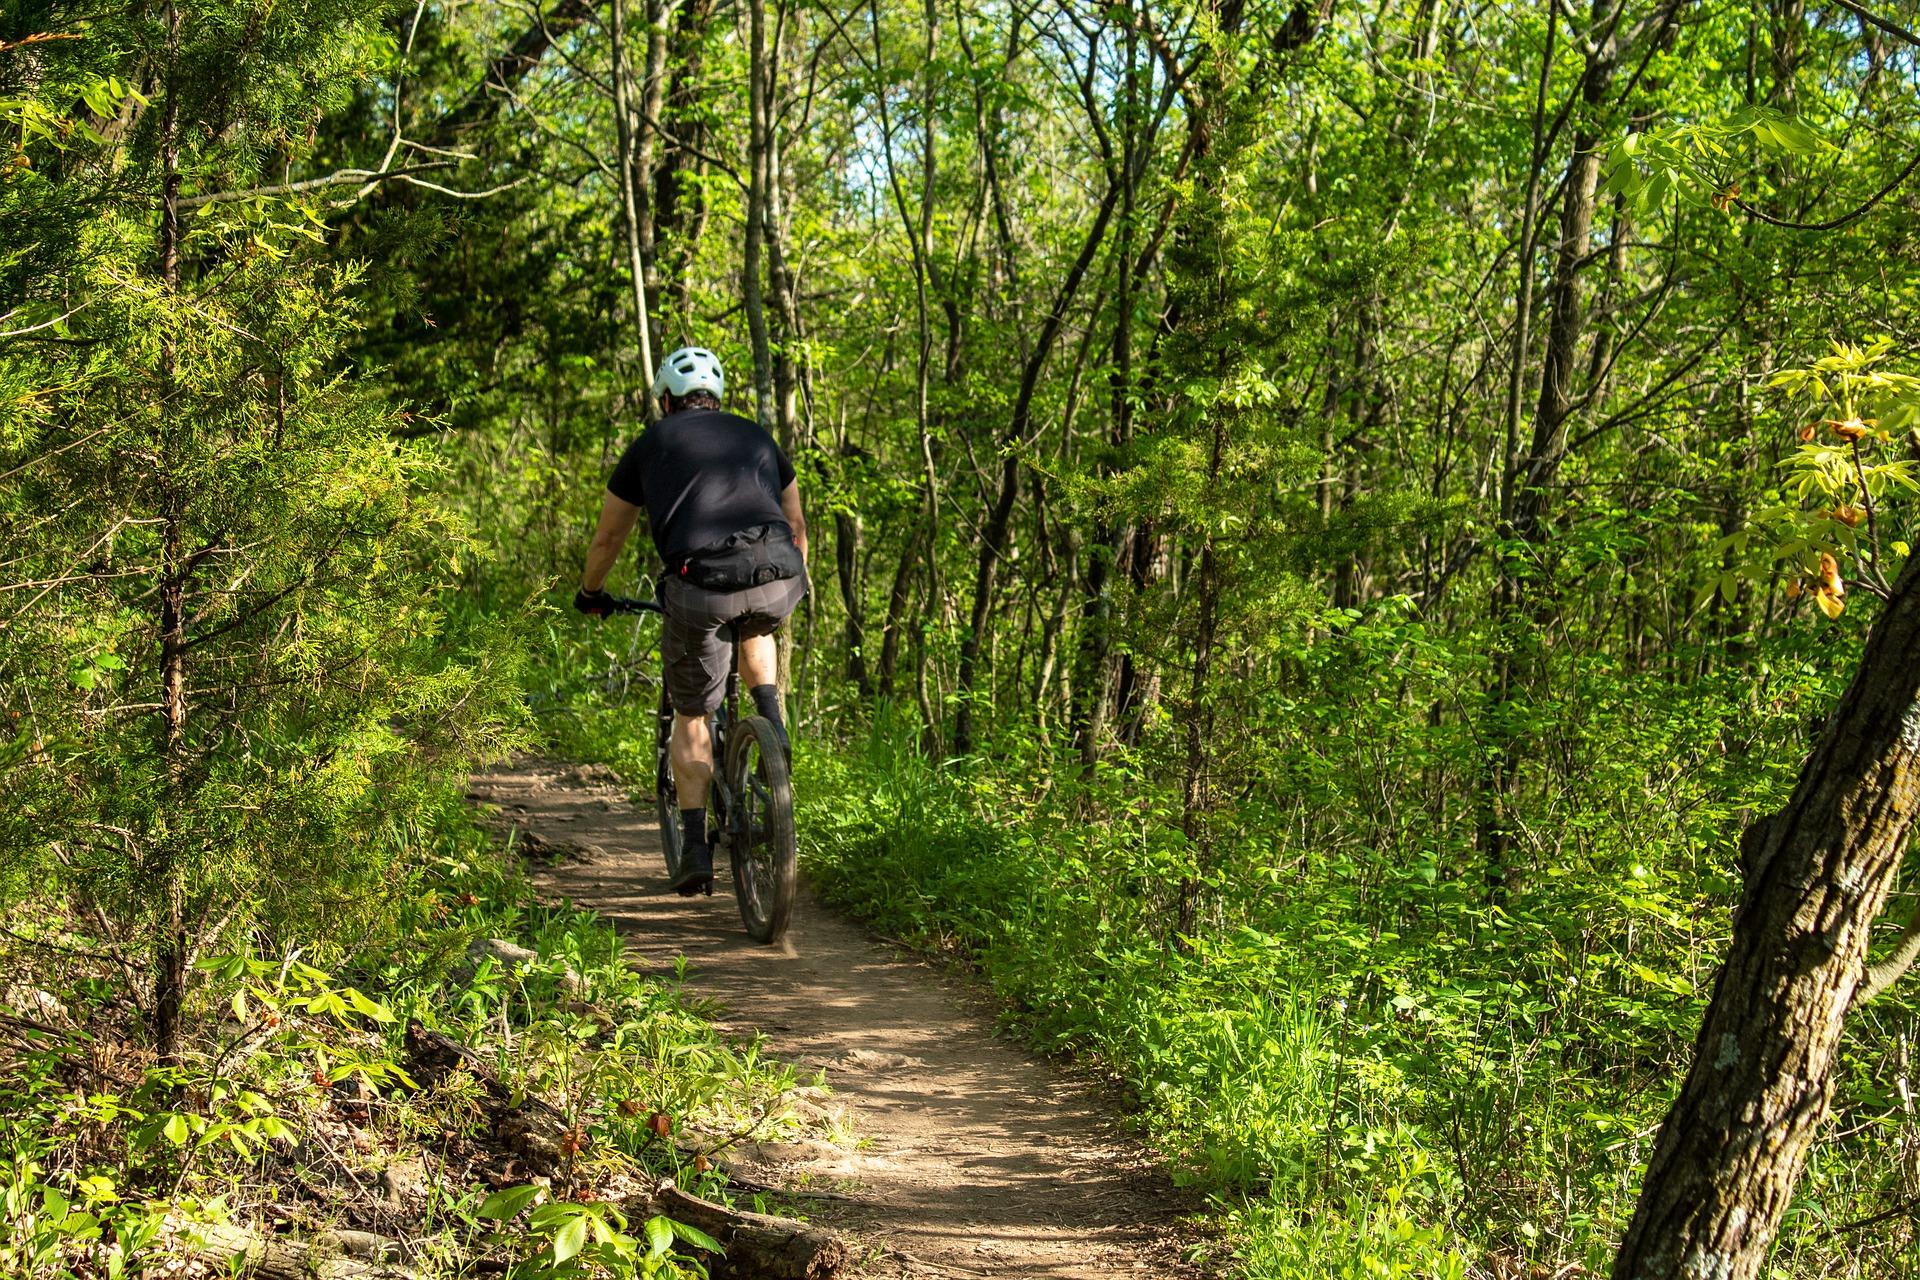 rowerzysta na rowerze w lesie